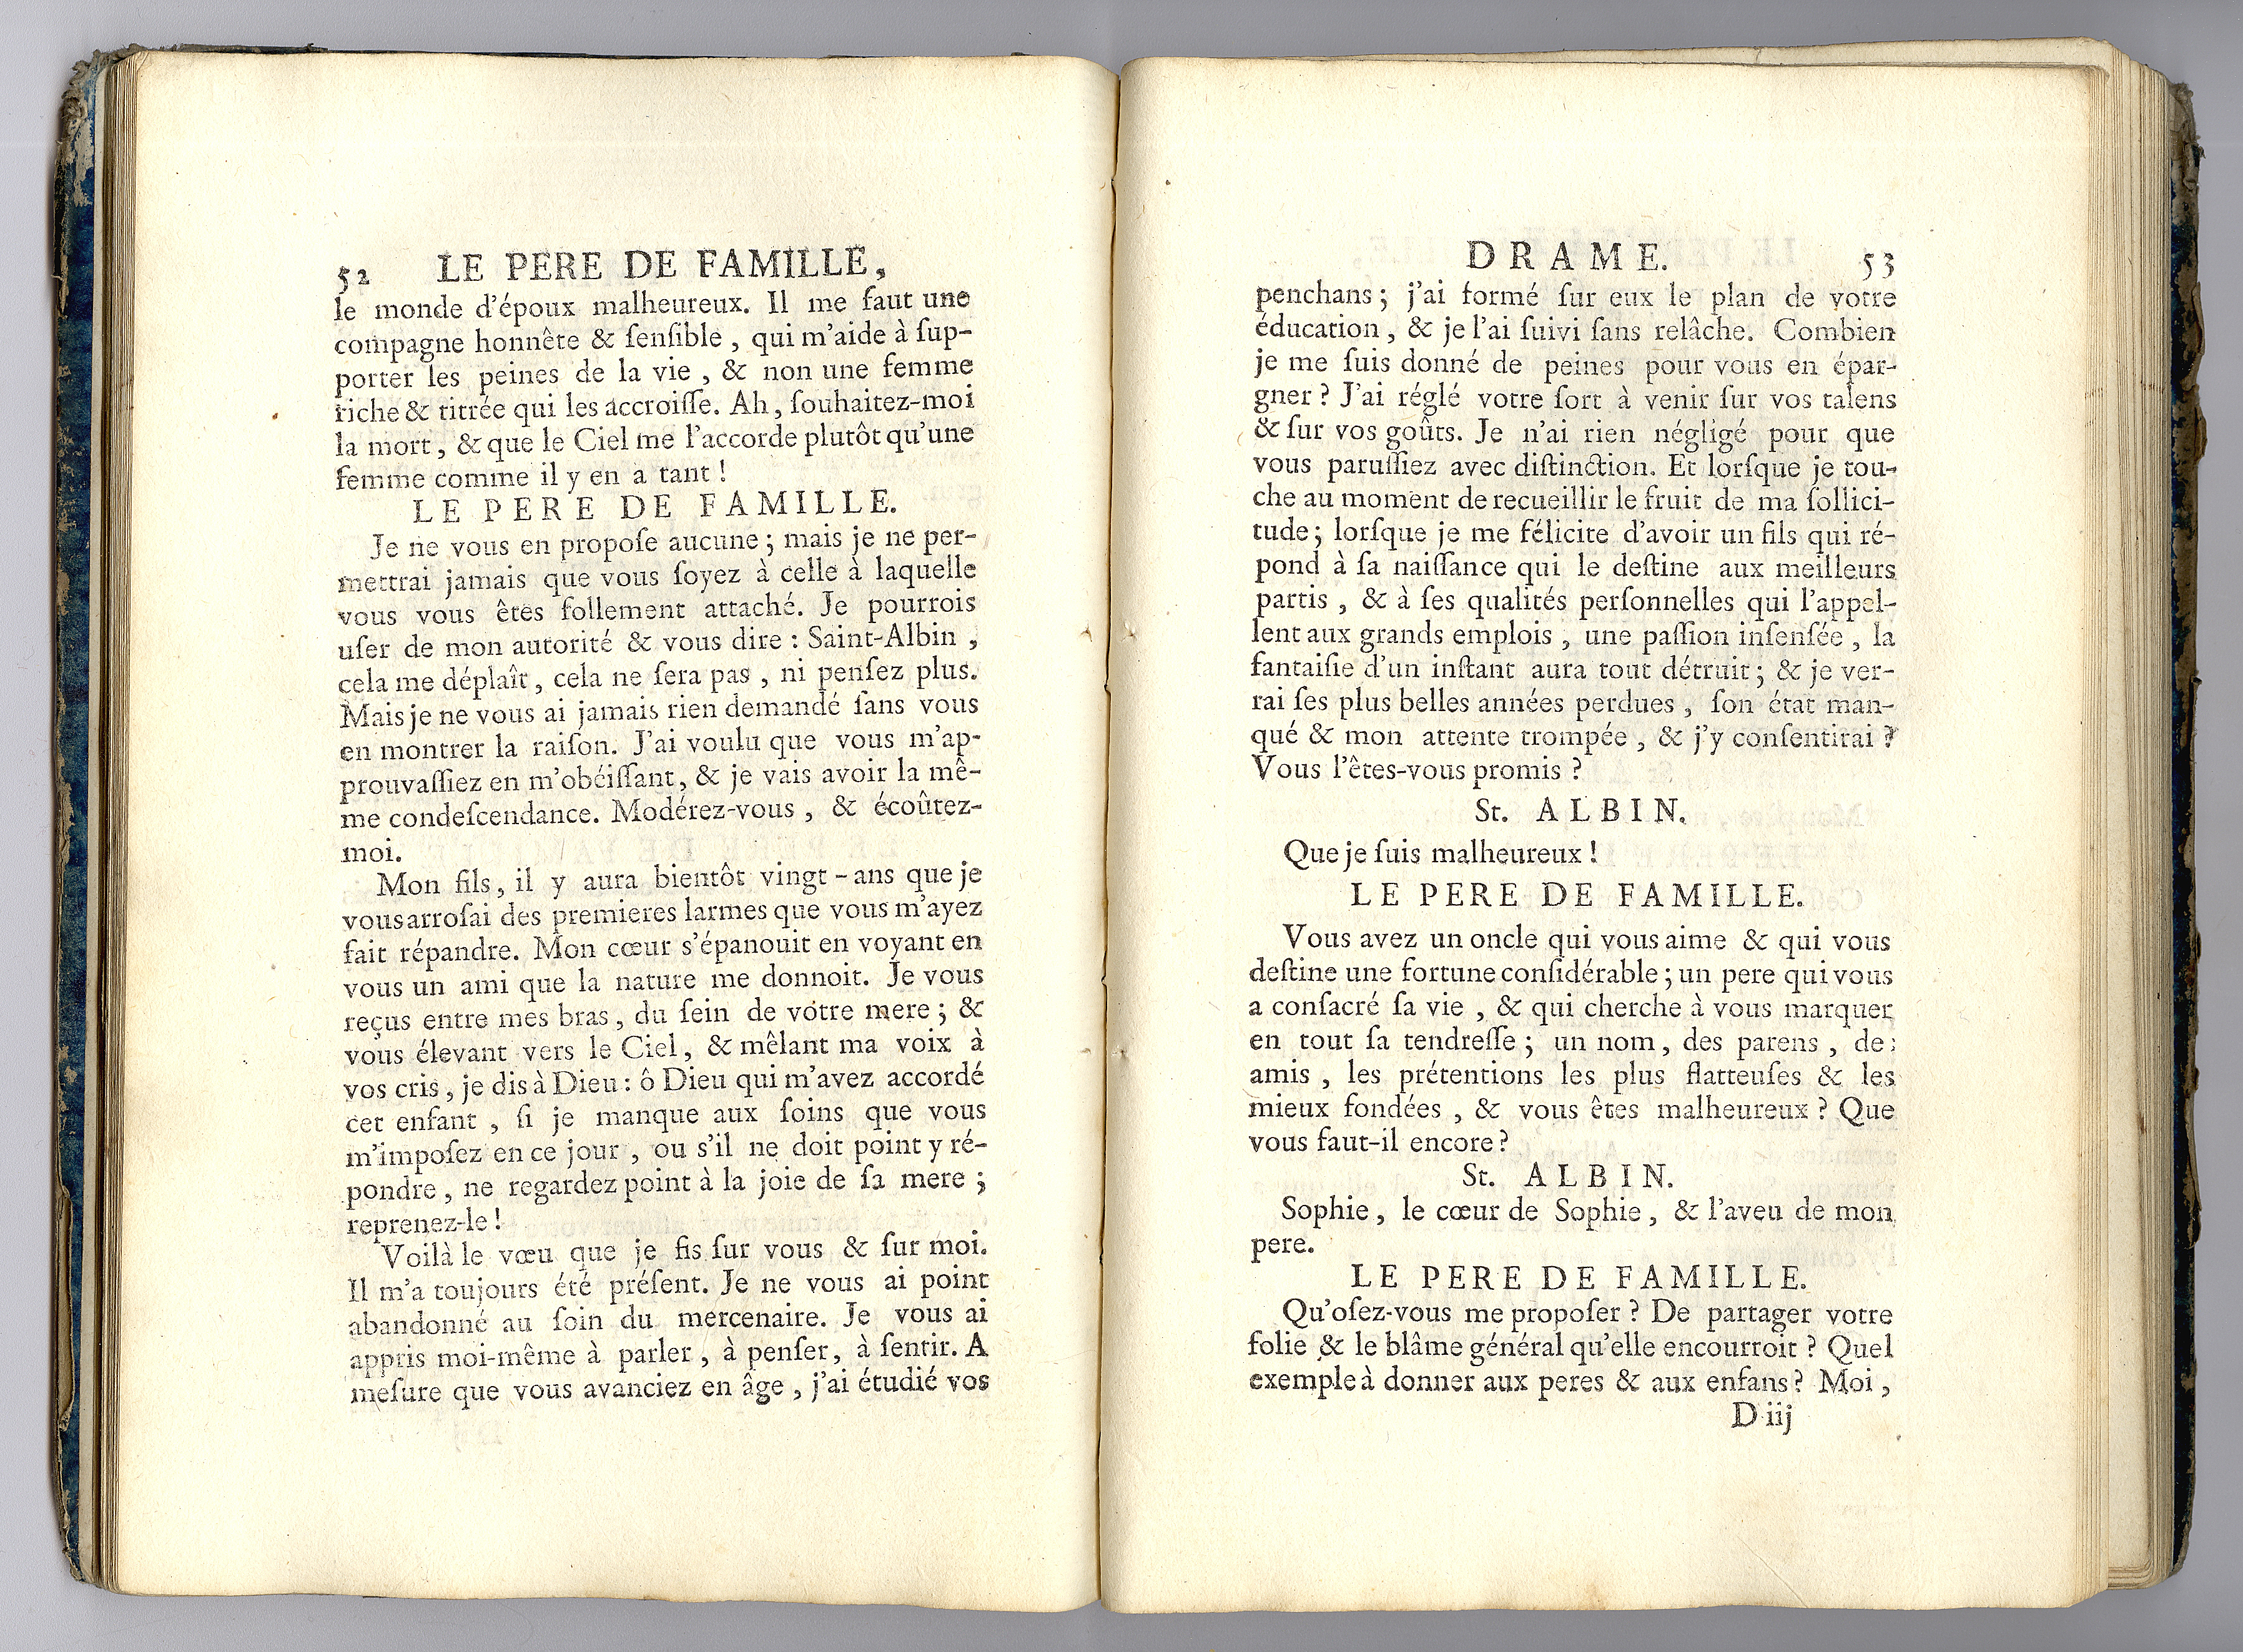 02-pere-de-famille-edition-1772-p.52-53